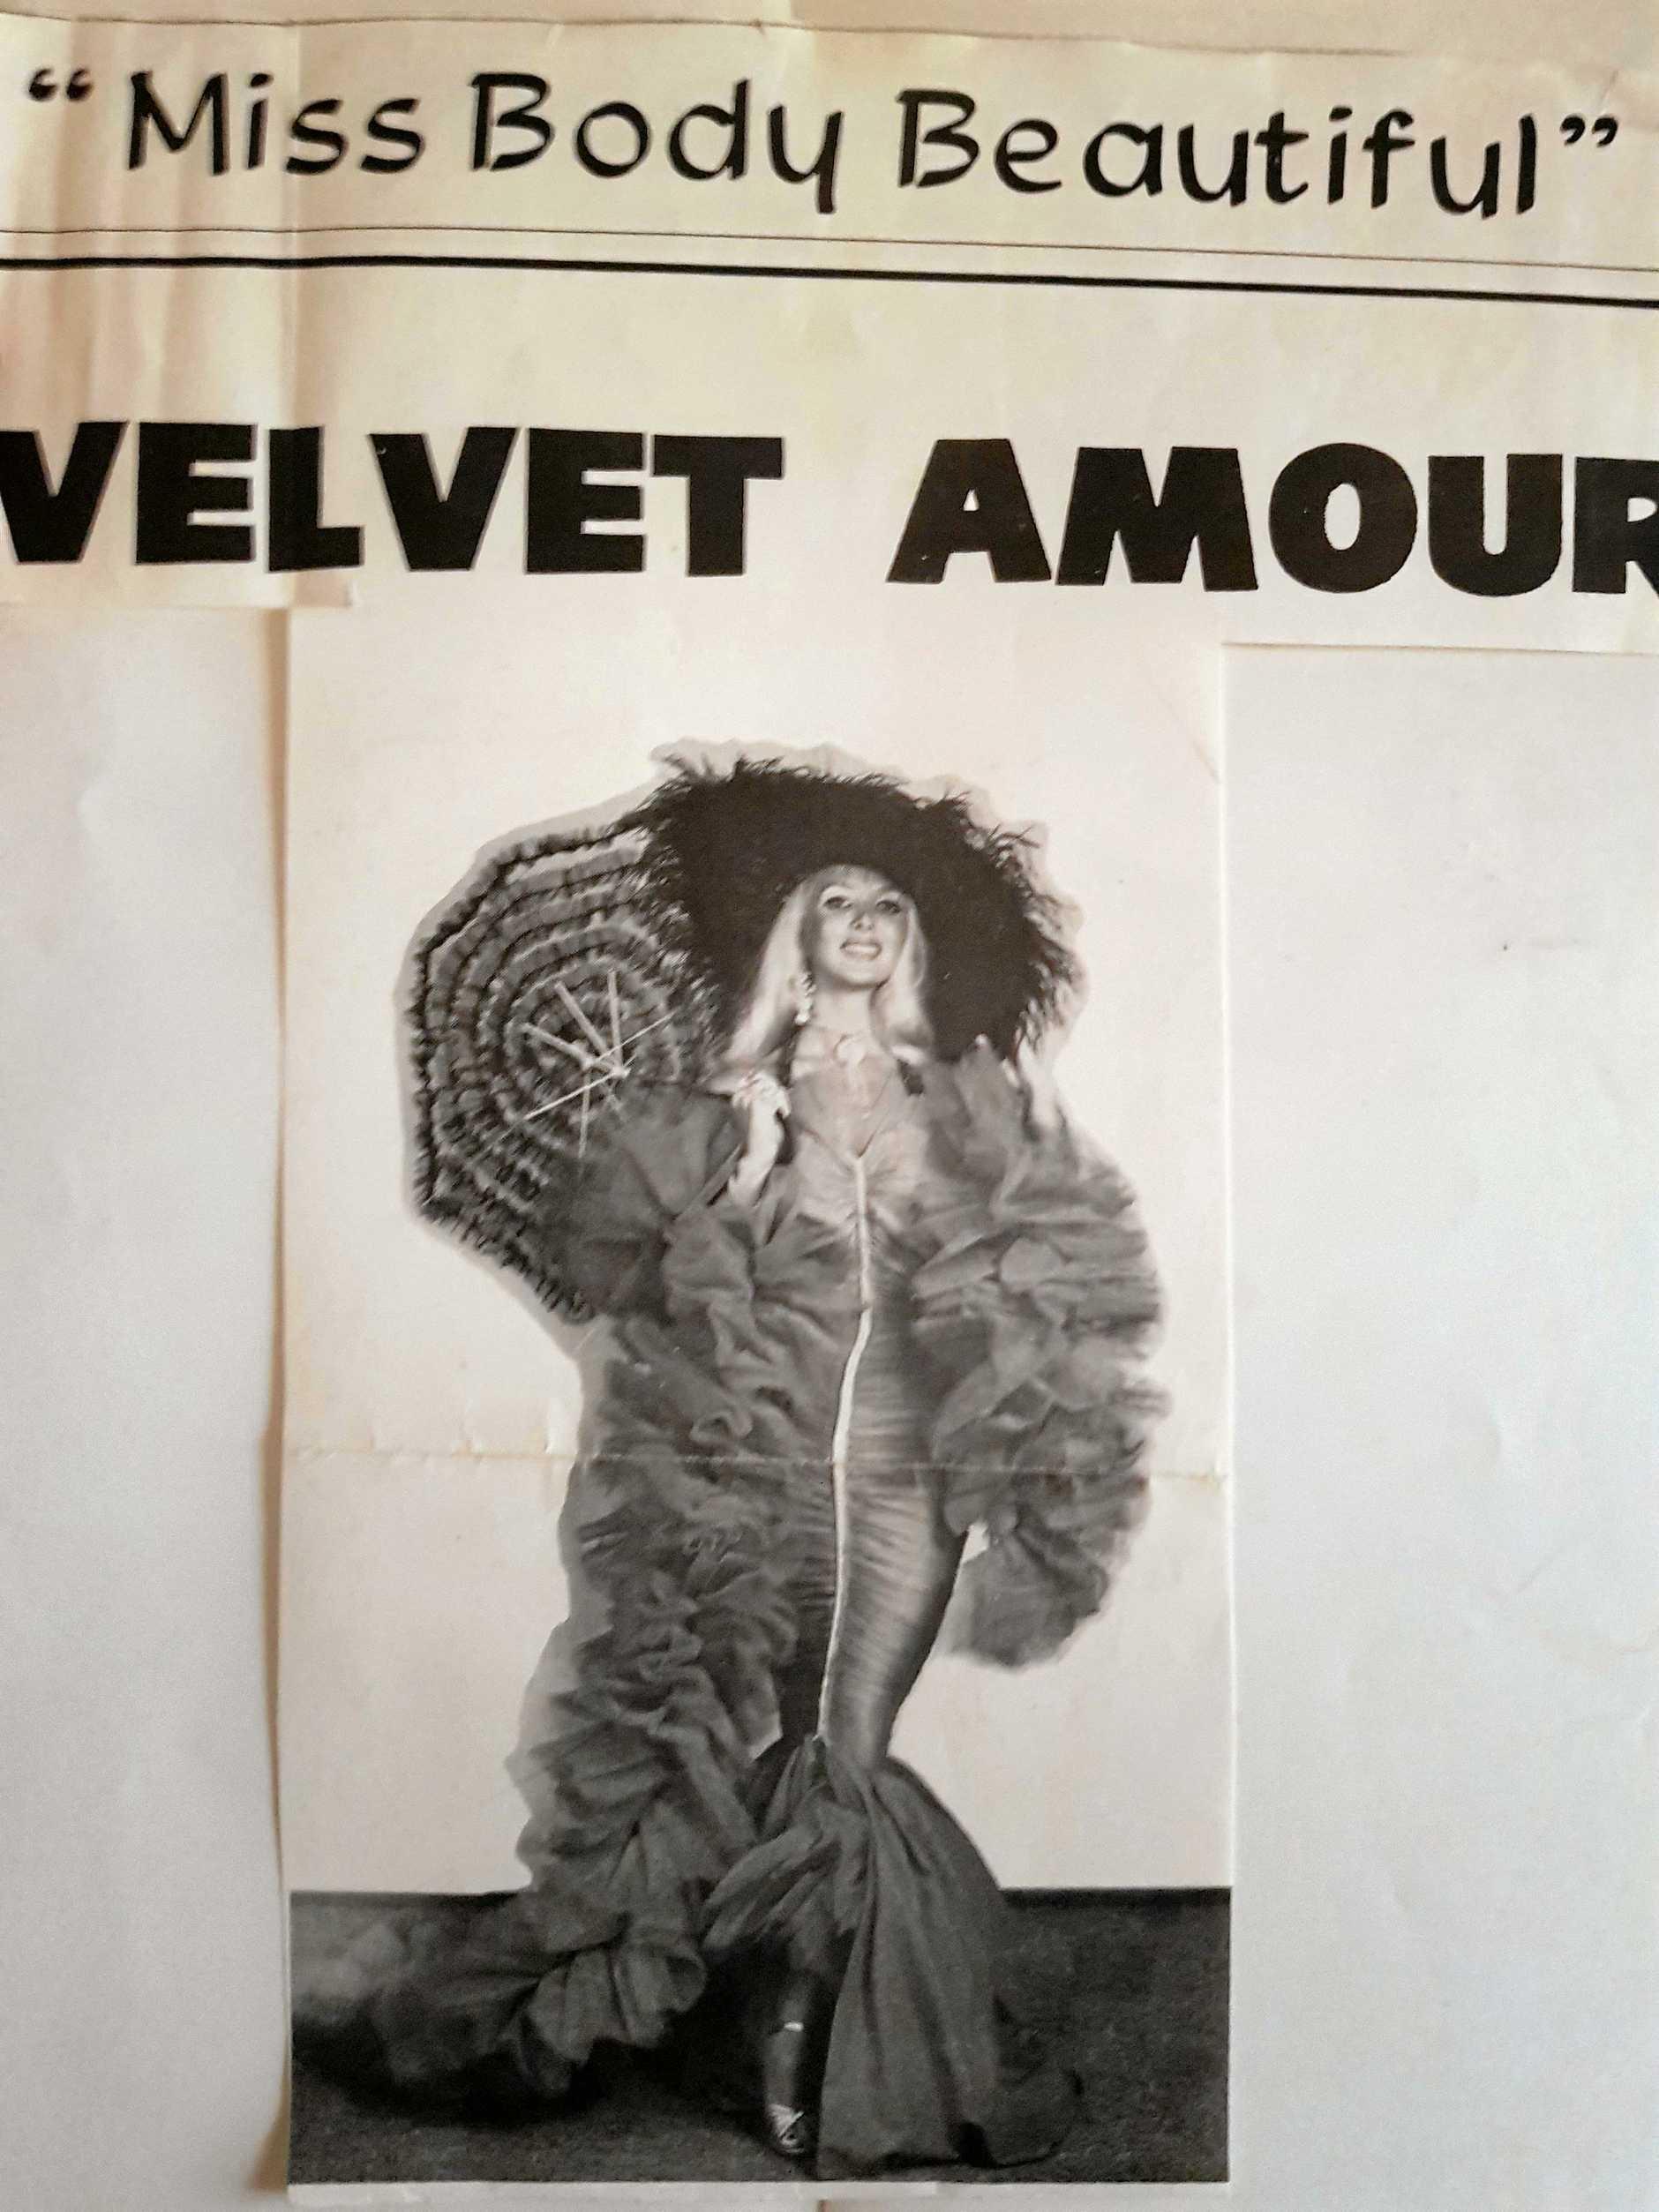 Velvet Amour in her burlesque heyday.